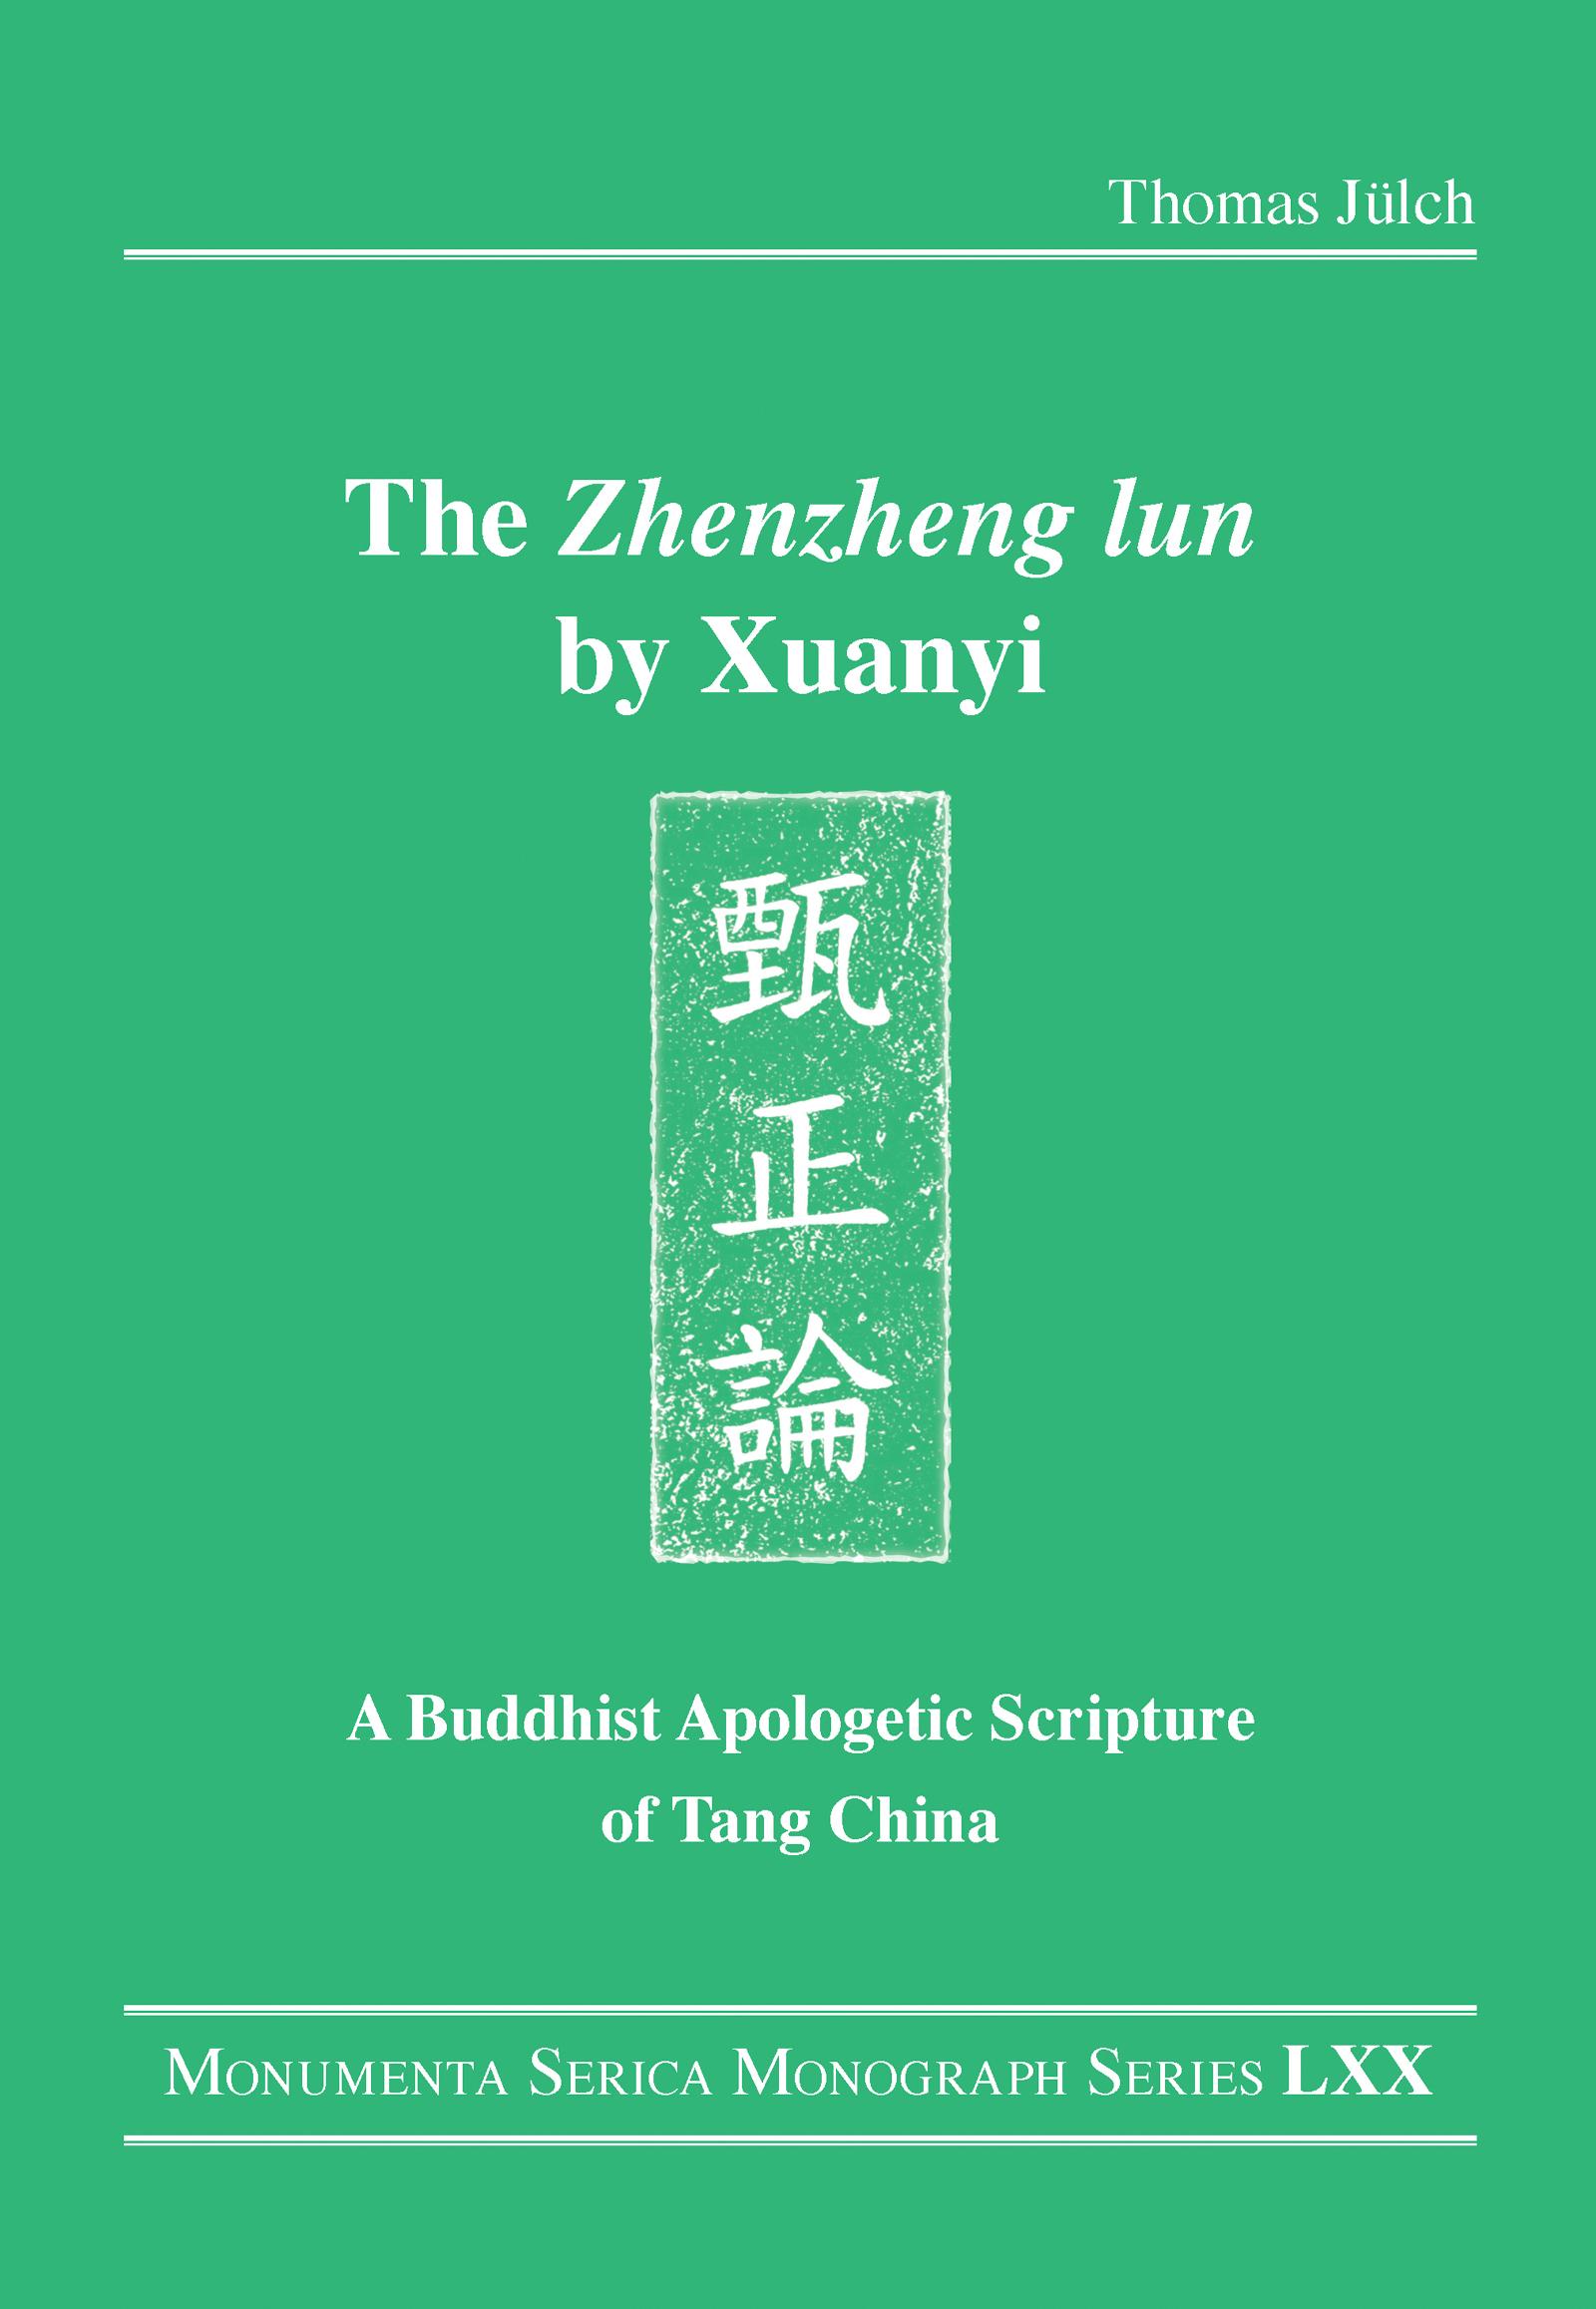 """The """"Zhenzheng lun"""" by Xuanyi"""